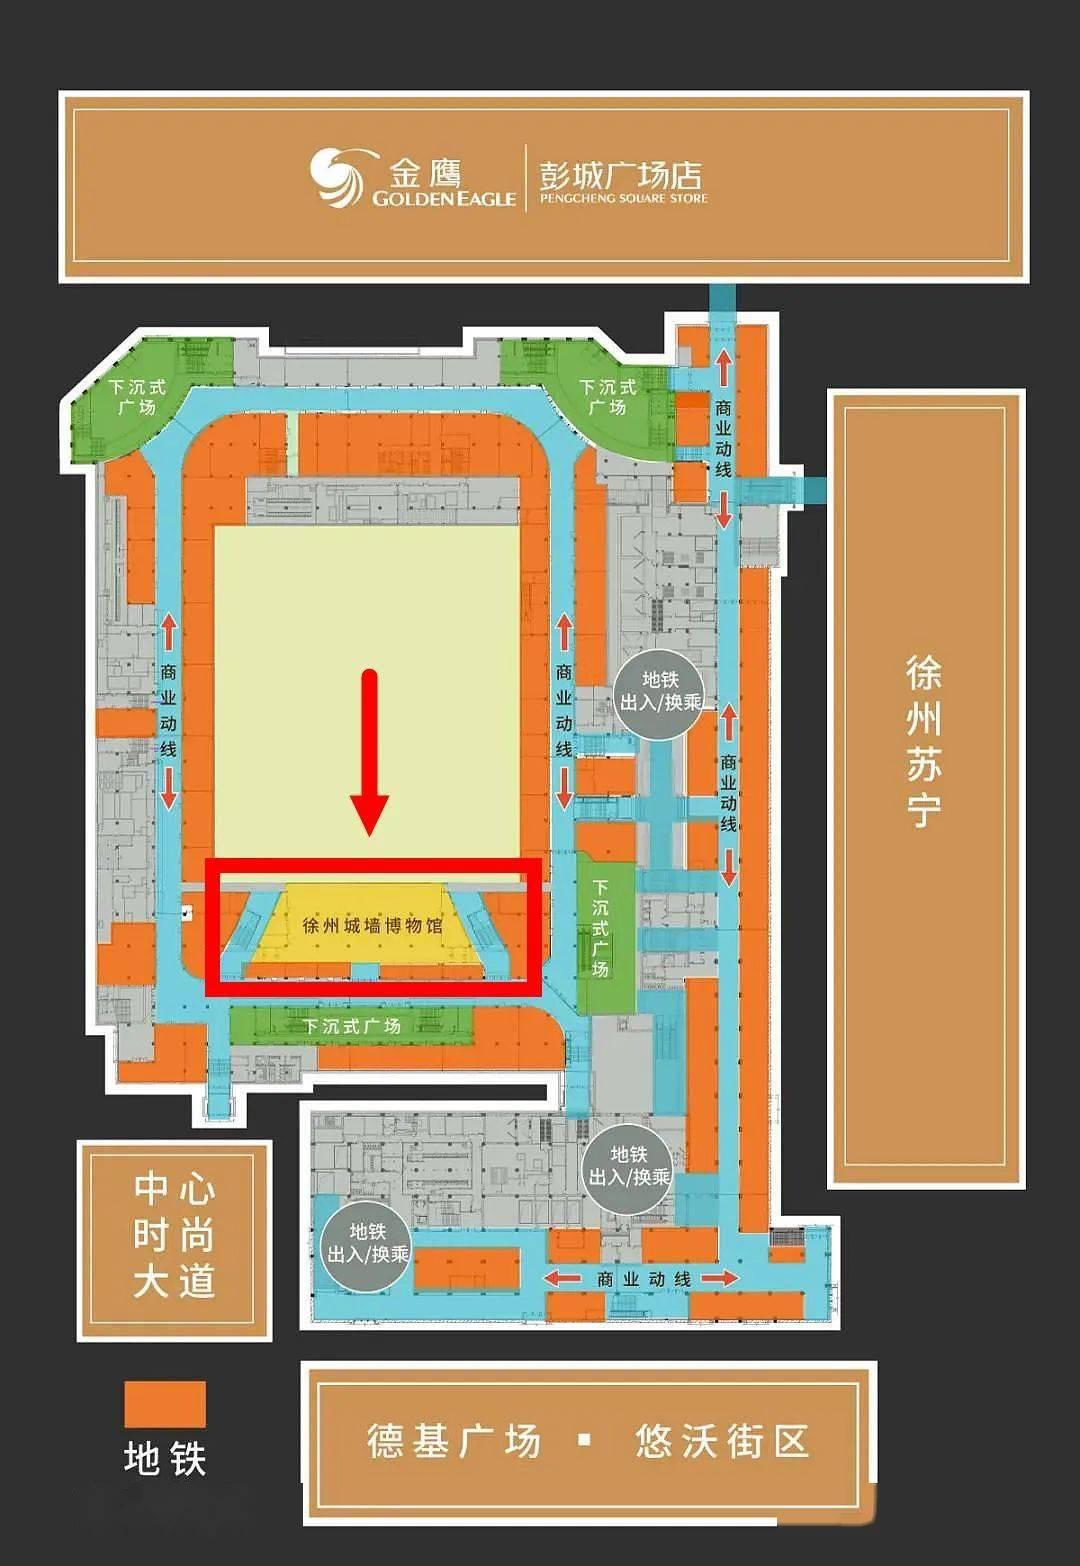 彭城广场地下将建城墙博物馆?